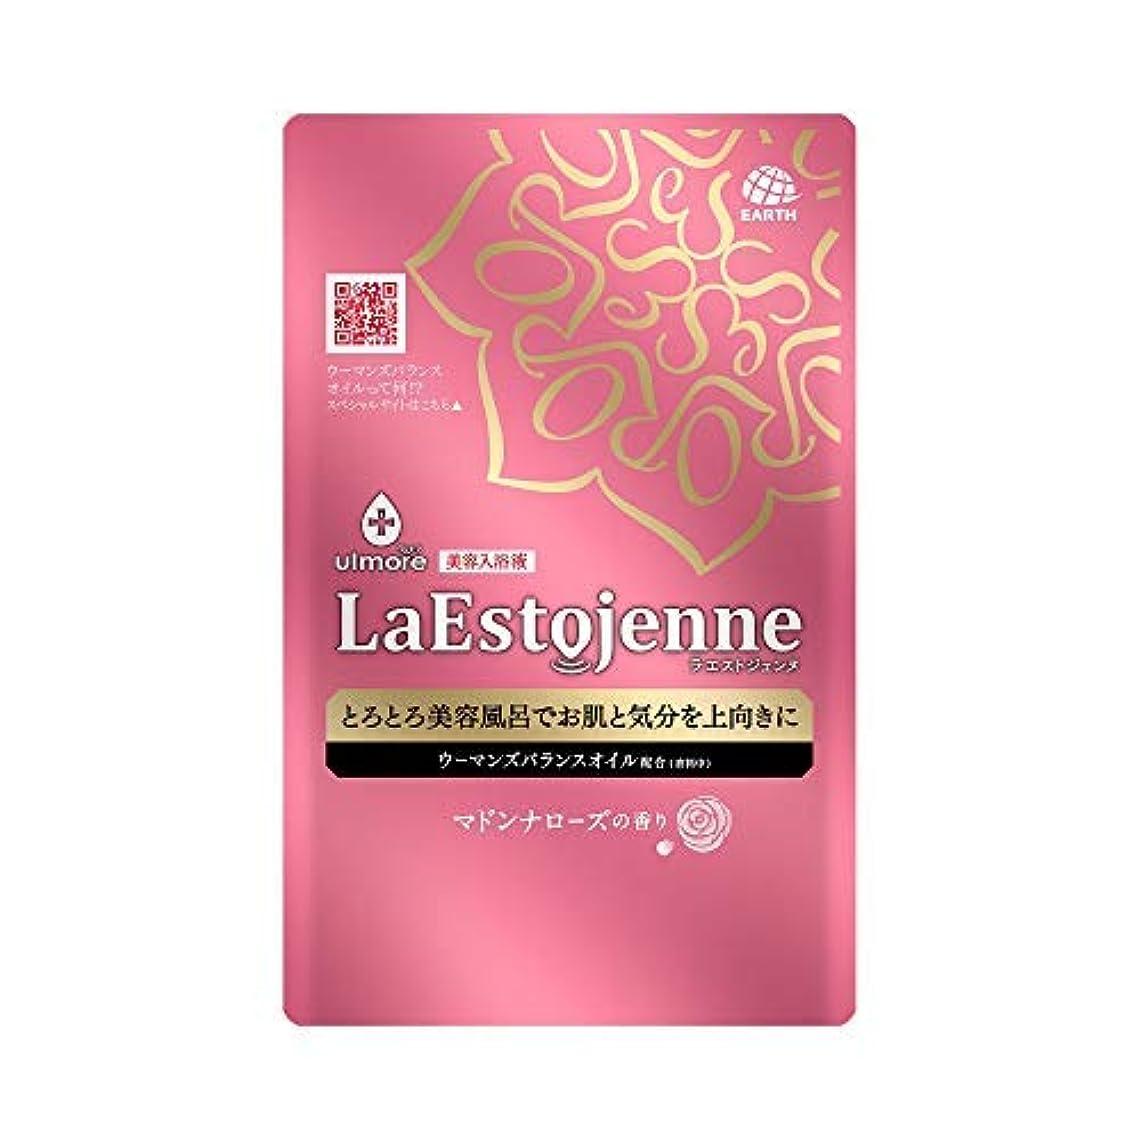 個人水分ハグウルモア ラエストジェンヌ マドンナローズの香り 1包 × 24個セット